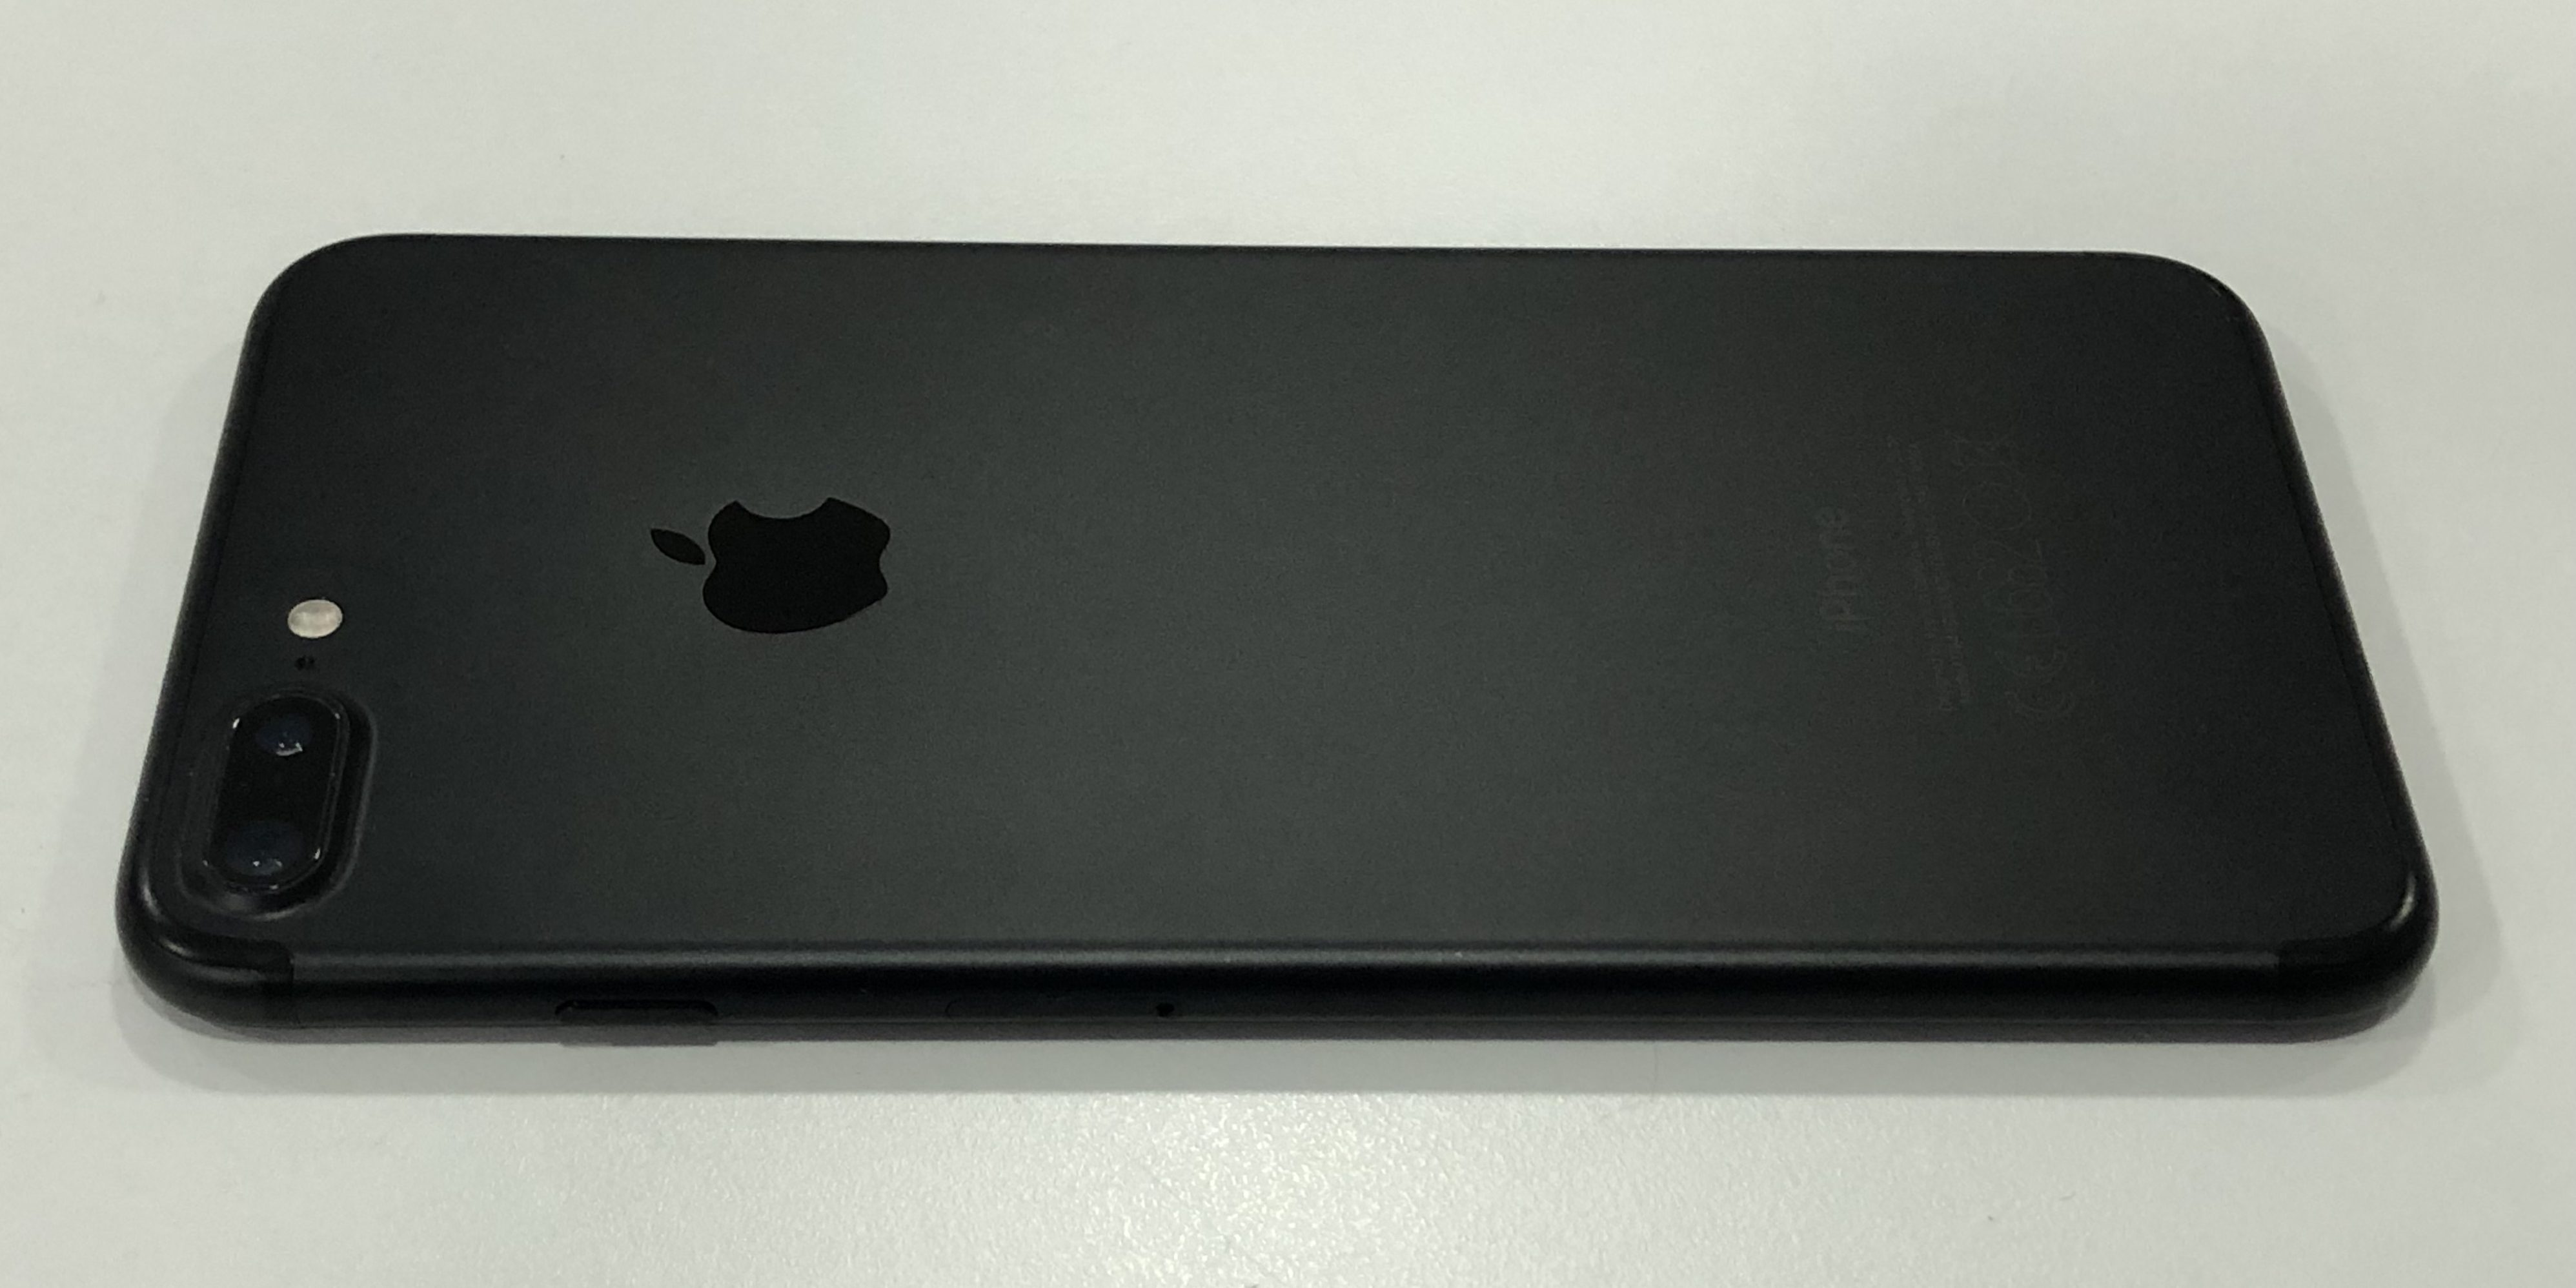 iPhone 7 Plus 128GB, 128 GB, Black, imagen 2